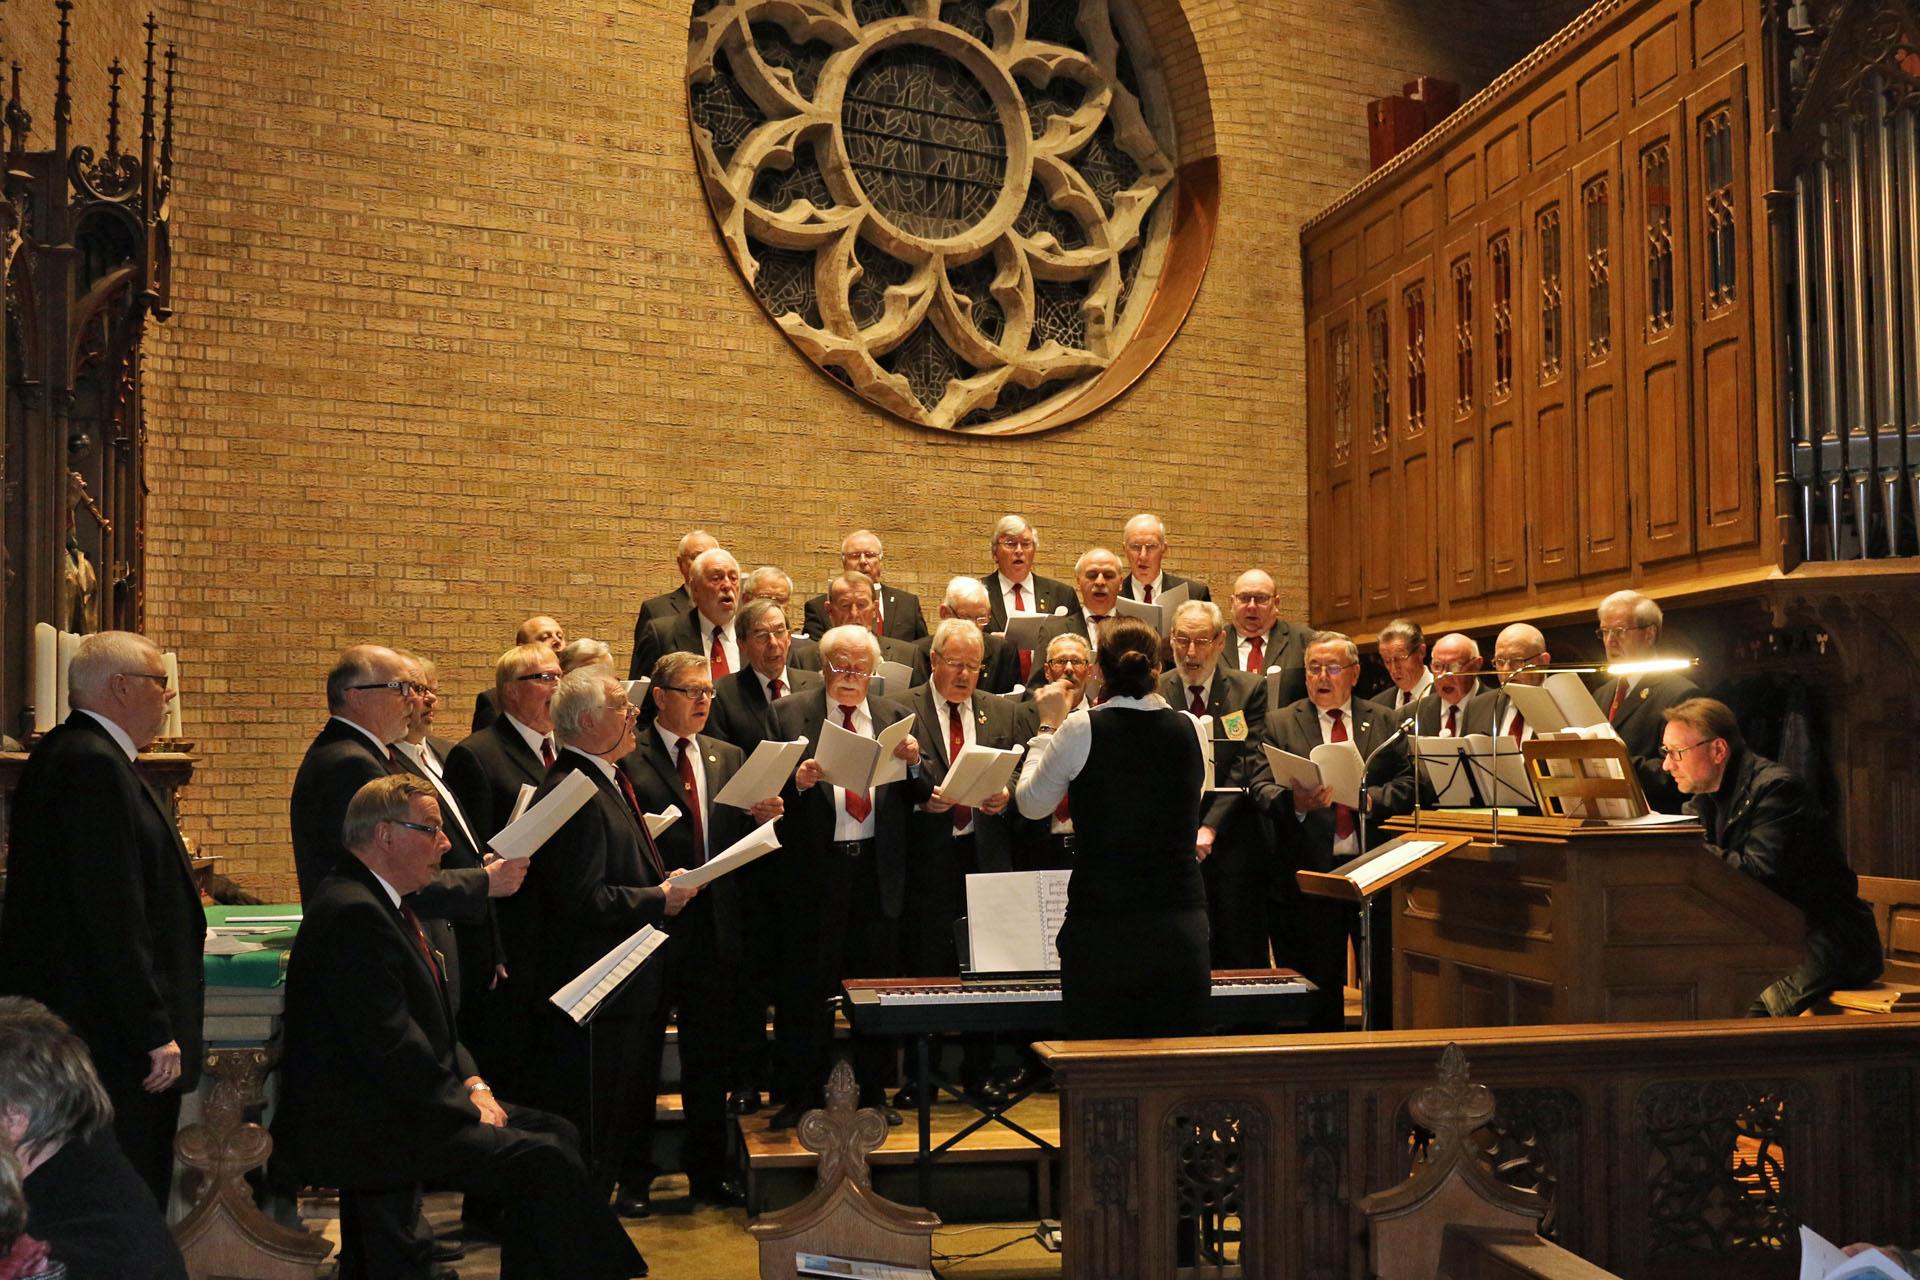 Der Königshovener Quartettverein hatte mit Chorleiterin Daniela Bosenius einige kölsche Lieder speziell für die musikalische Messgestaltung eingeübt, die Kantor Marcel Poetzat teilweise an der Orgel mit begleitet hat. [Fotos: Bastian Schlößer]